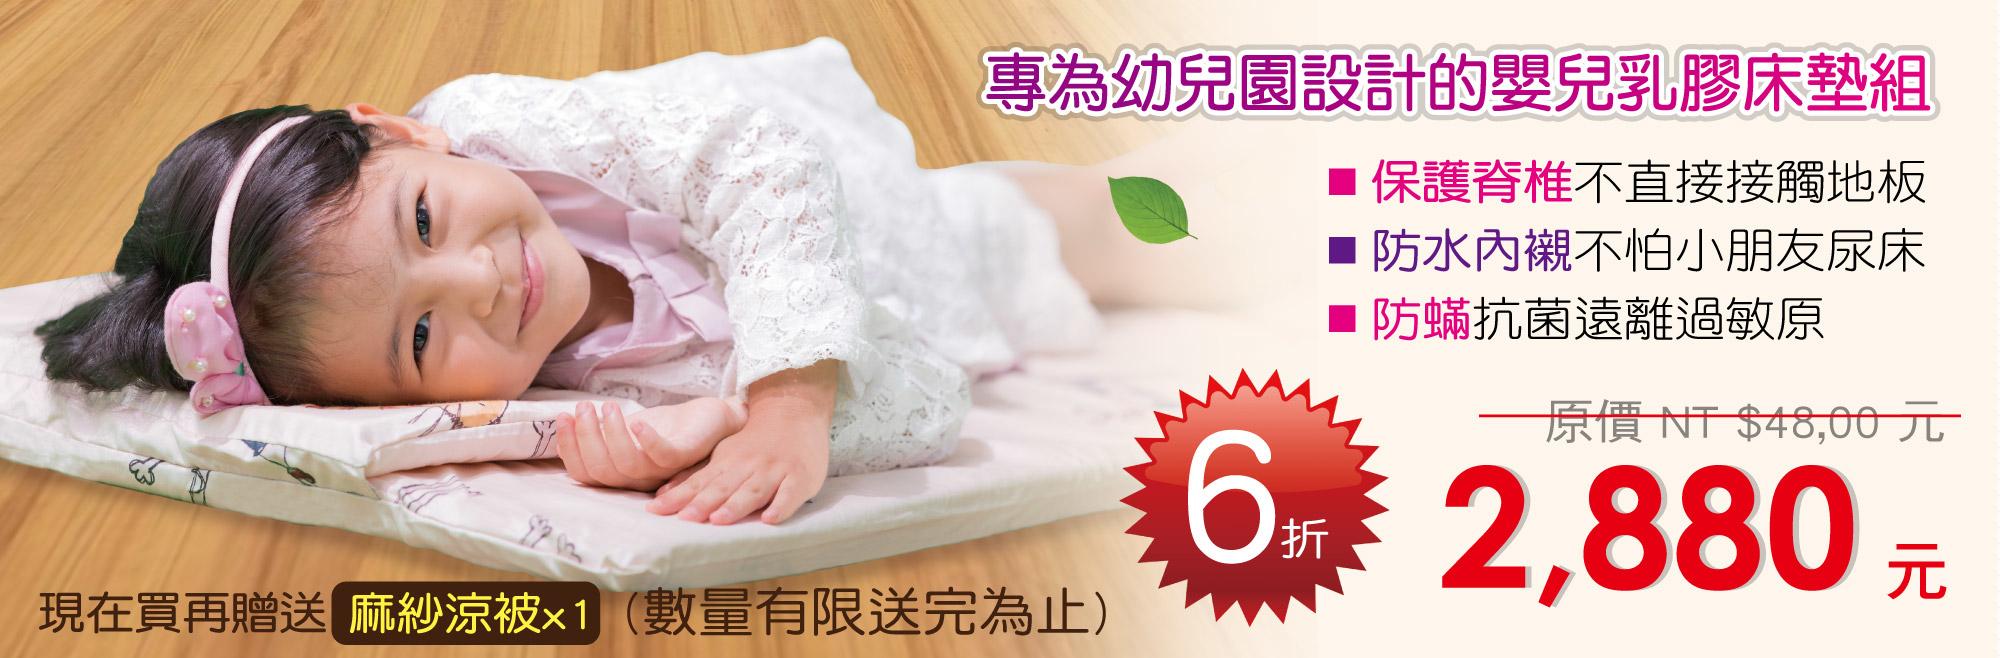 迪奧斯天然乳膠床墊